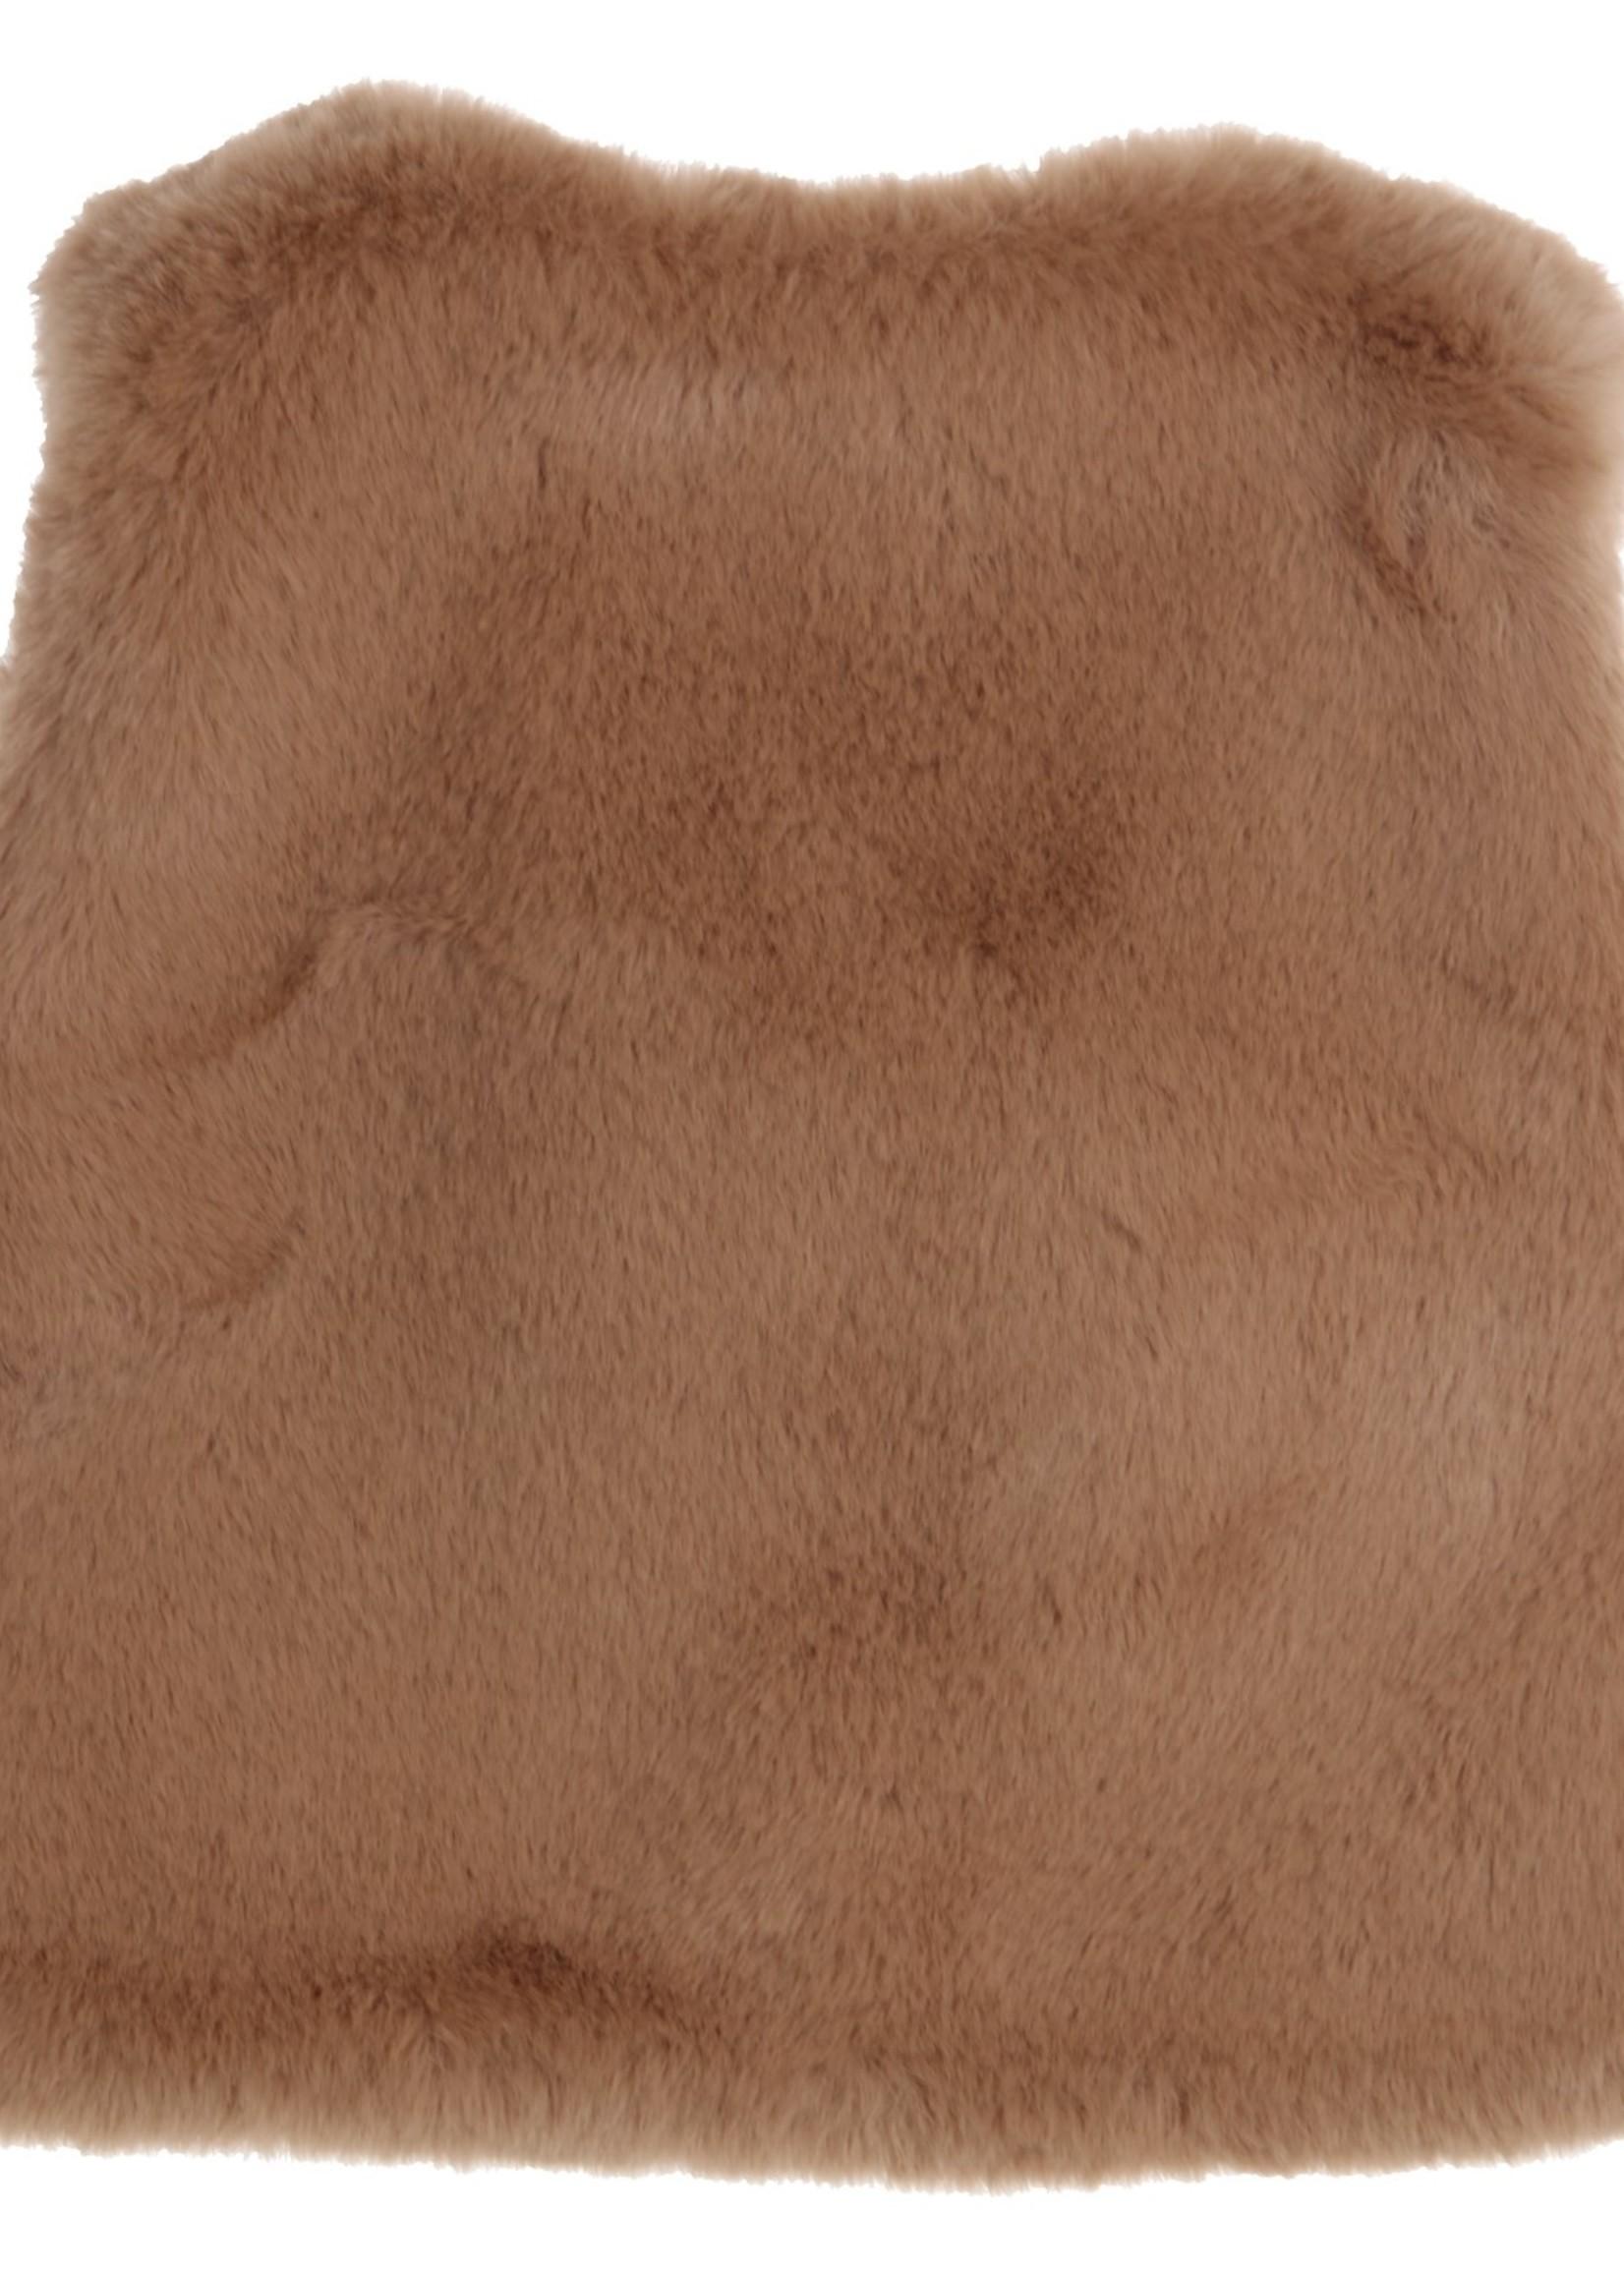 Gymp Gymp gilet (fake) fur camel